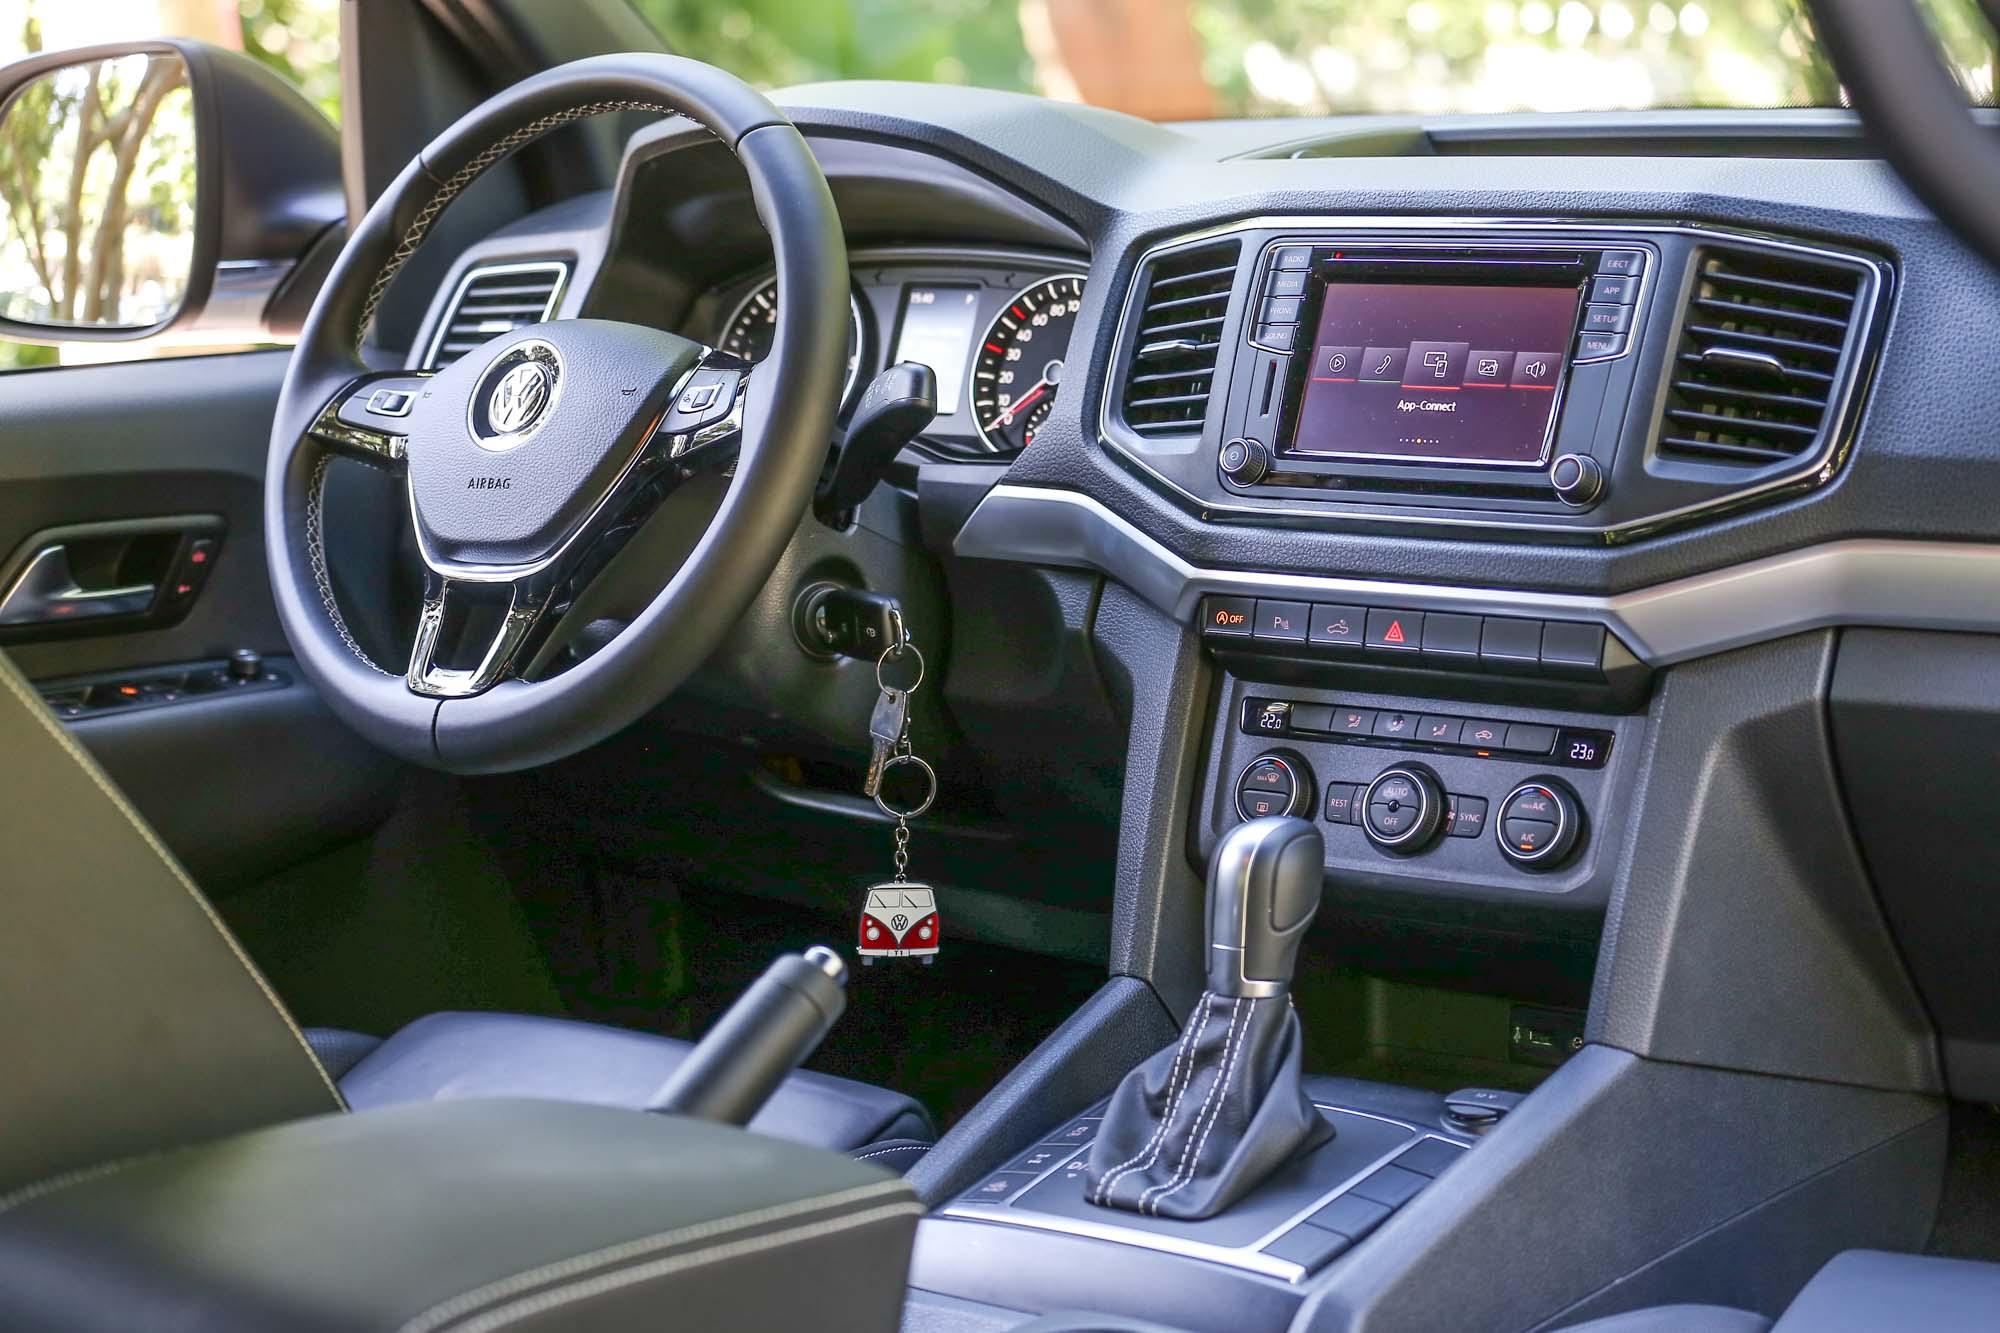 工整的內裝格局,充分展現 VWCV 的品牌風格,並於用料材質中更具質感,展現 Amarok Aventura 定位等級。 中控台的 Composition Media 原廠音響系統整合 6.33 吋彩色顯示螢幕與 APPConnect 手機多媒體連結功能。